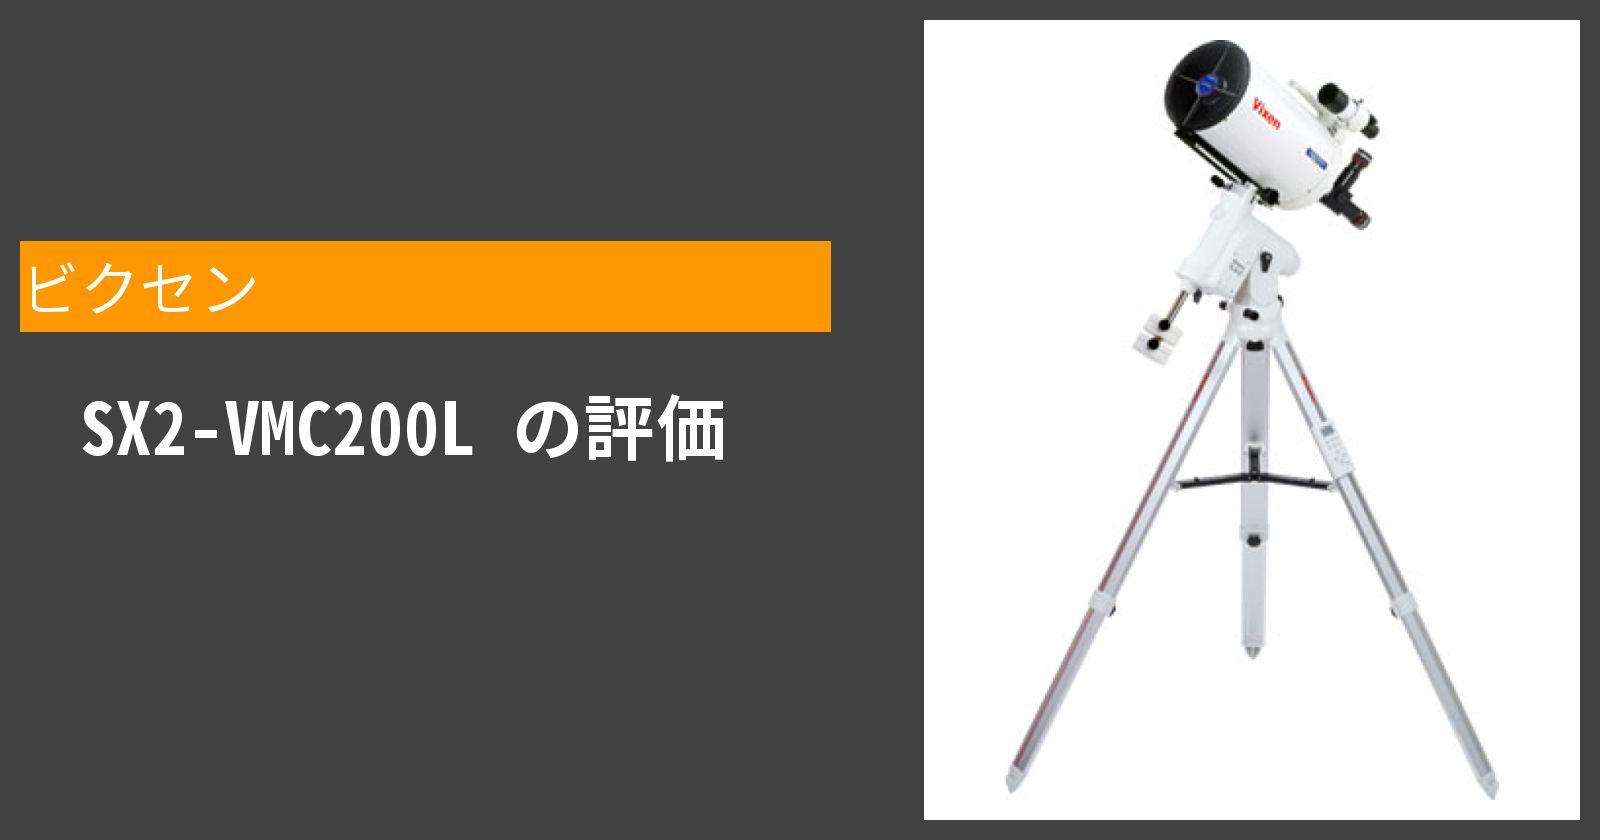 SX2-VMC200Lを徹底評価